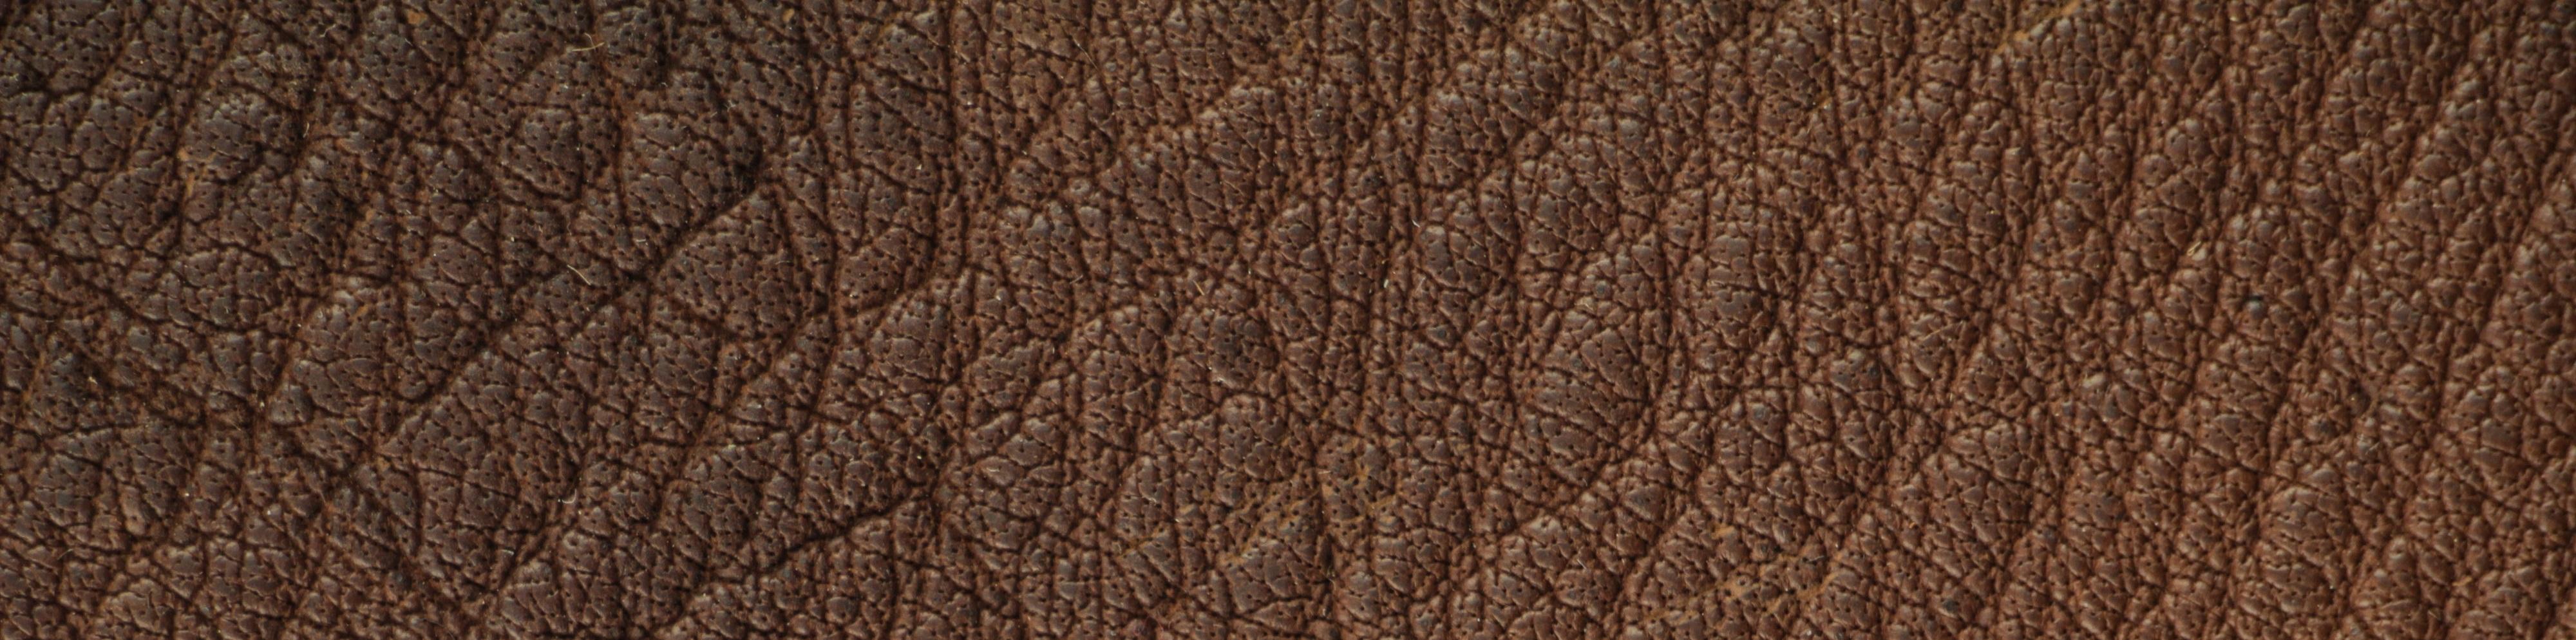 leather texture large pattern high resolution stock photo wallpaper brown - Thư ngỏ ! Cửa hàng bán đồ da bò